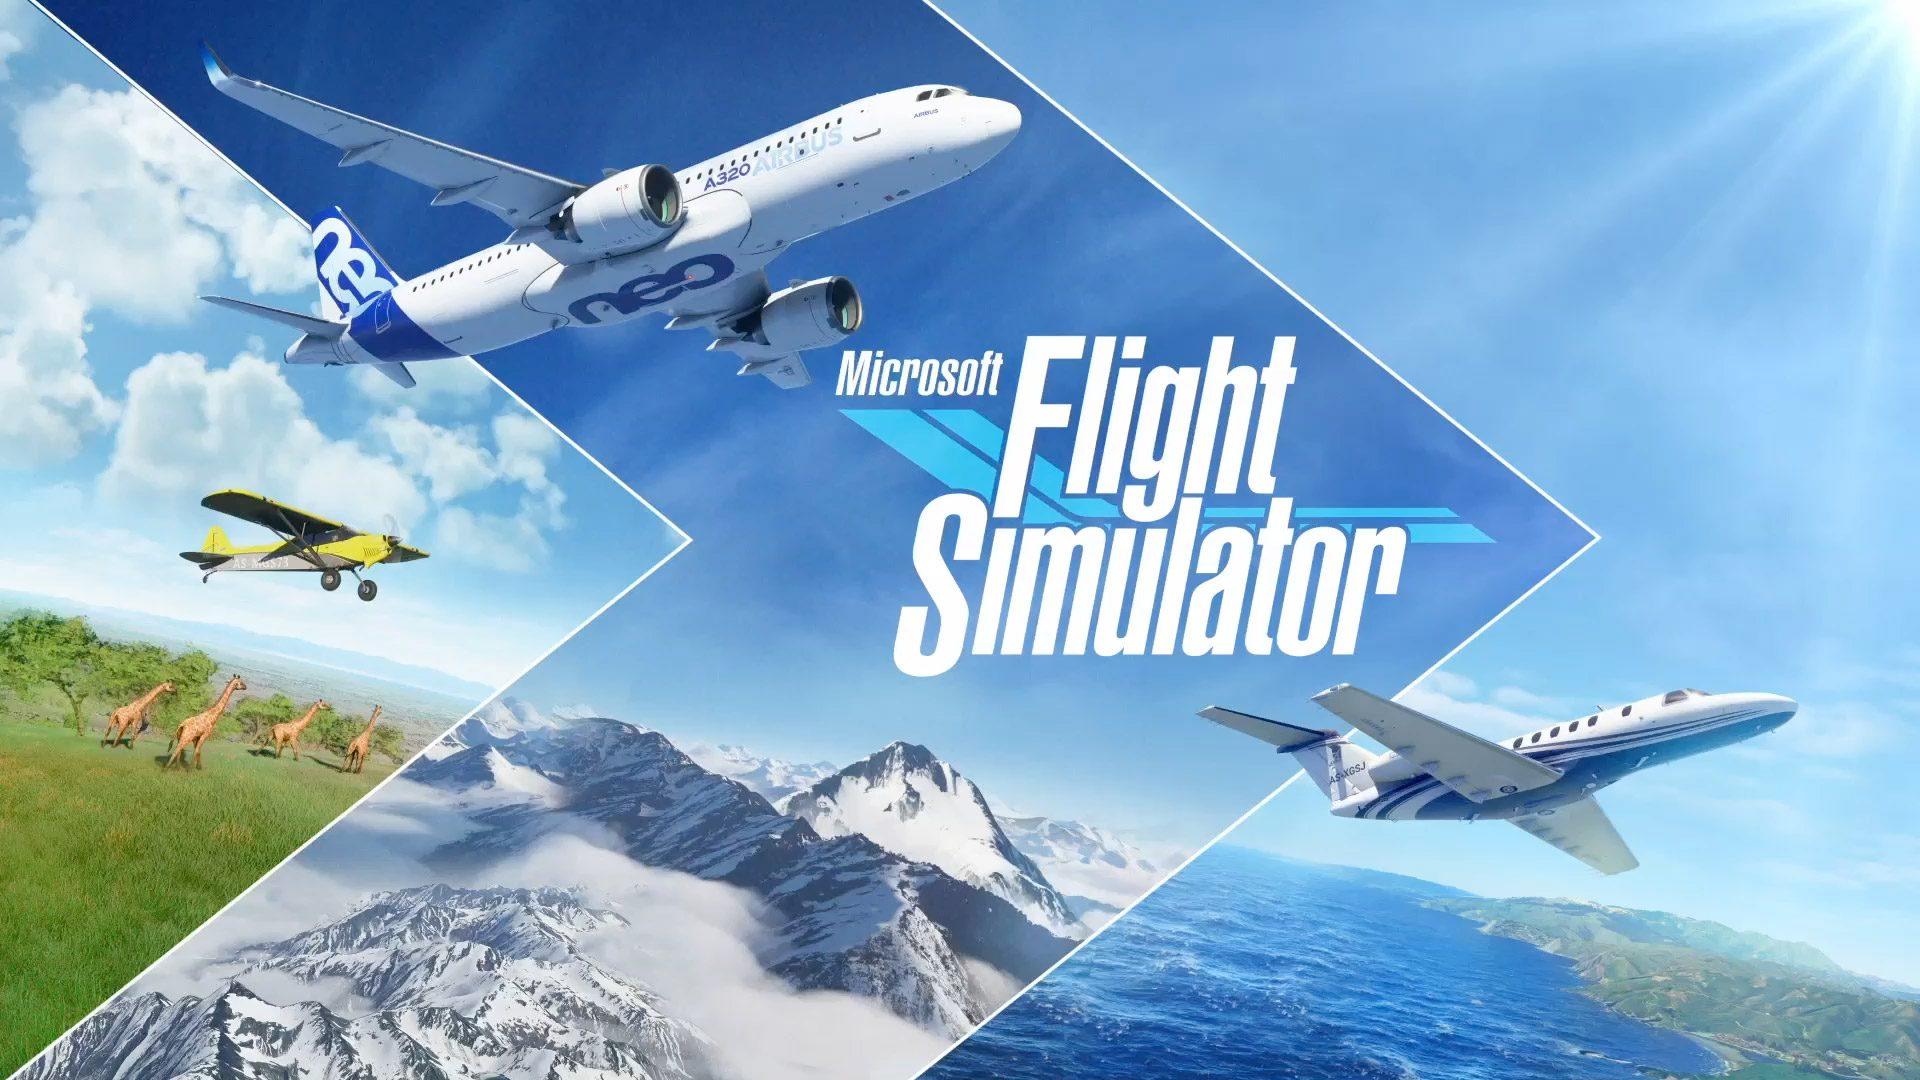 flight simulator 2020 - flight simulator - generacion xbox